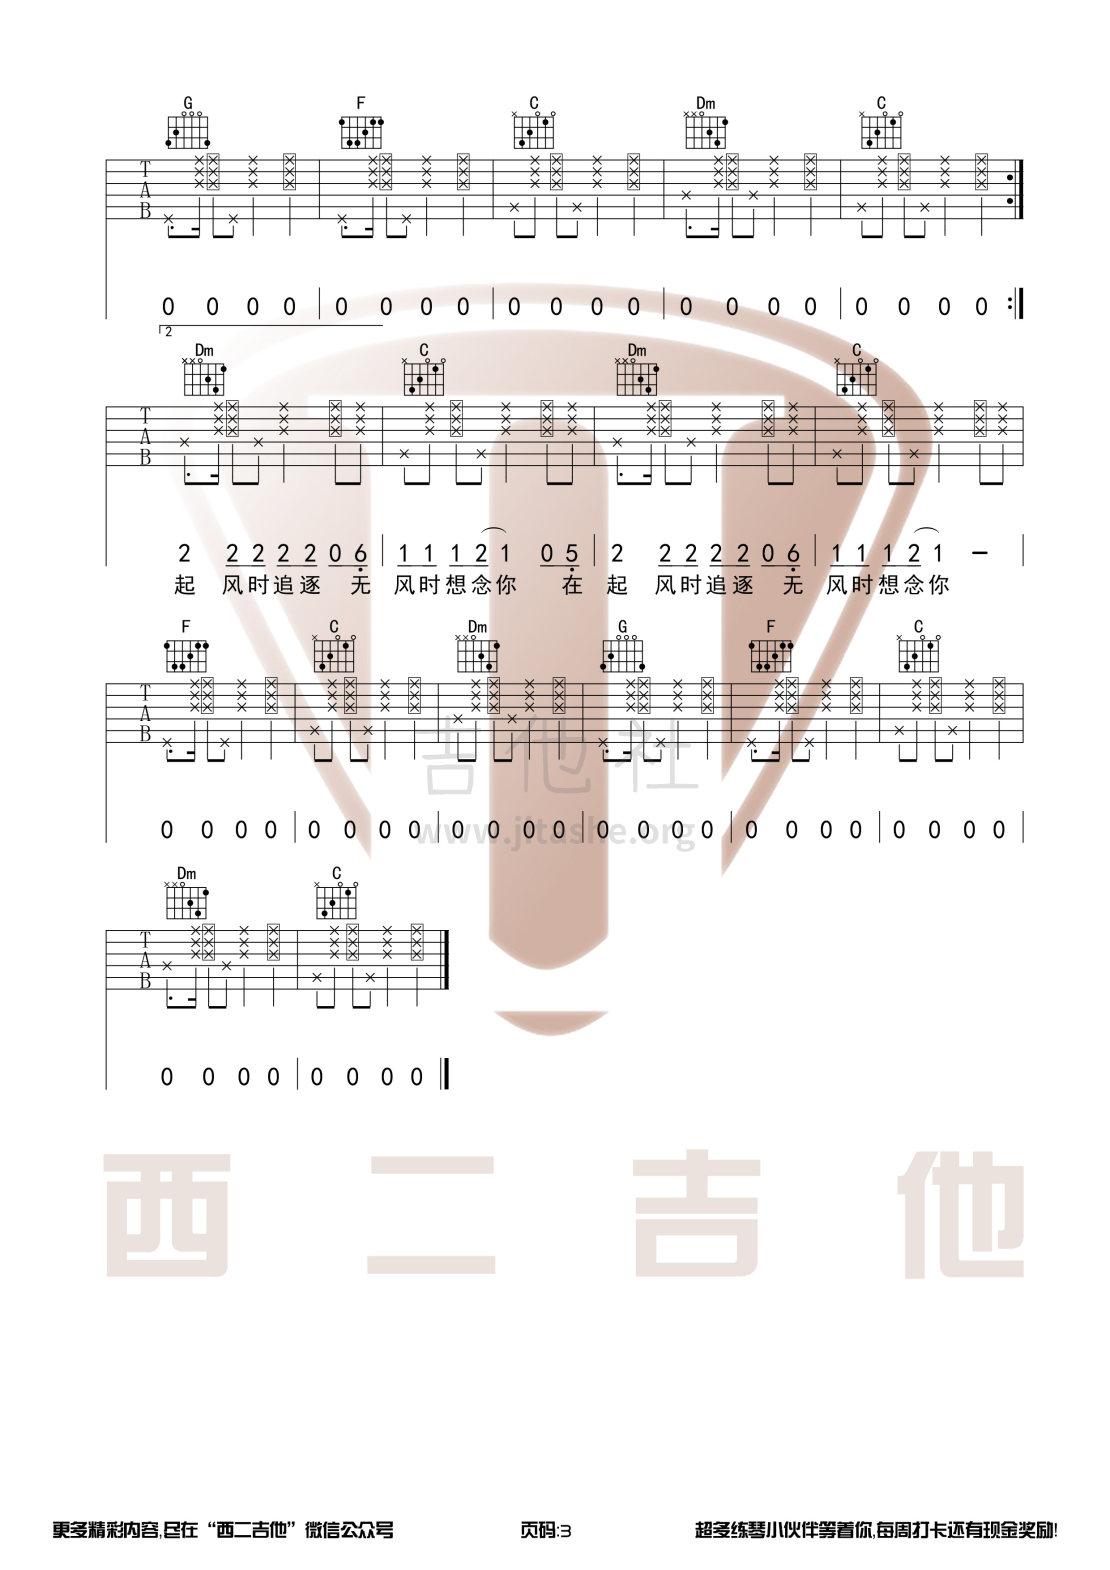 夏谣(超原版吉他谱全网首发!【西二吉他】)吉他谱(图片谱,西二吉他,原版吉他谱,弹唱)_烟把儿乐队_夏谣3.jpg